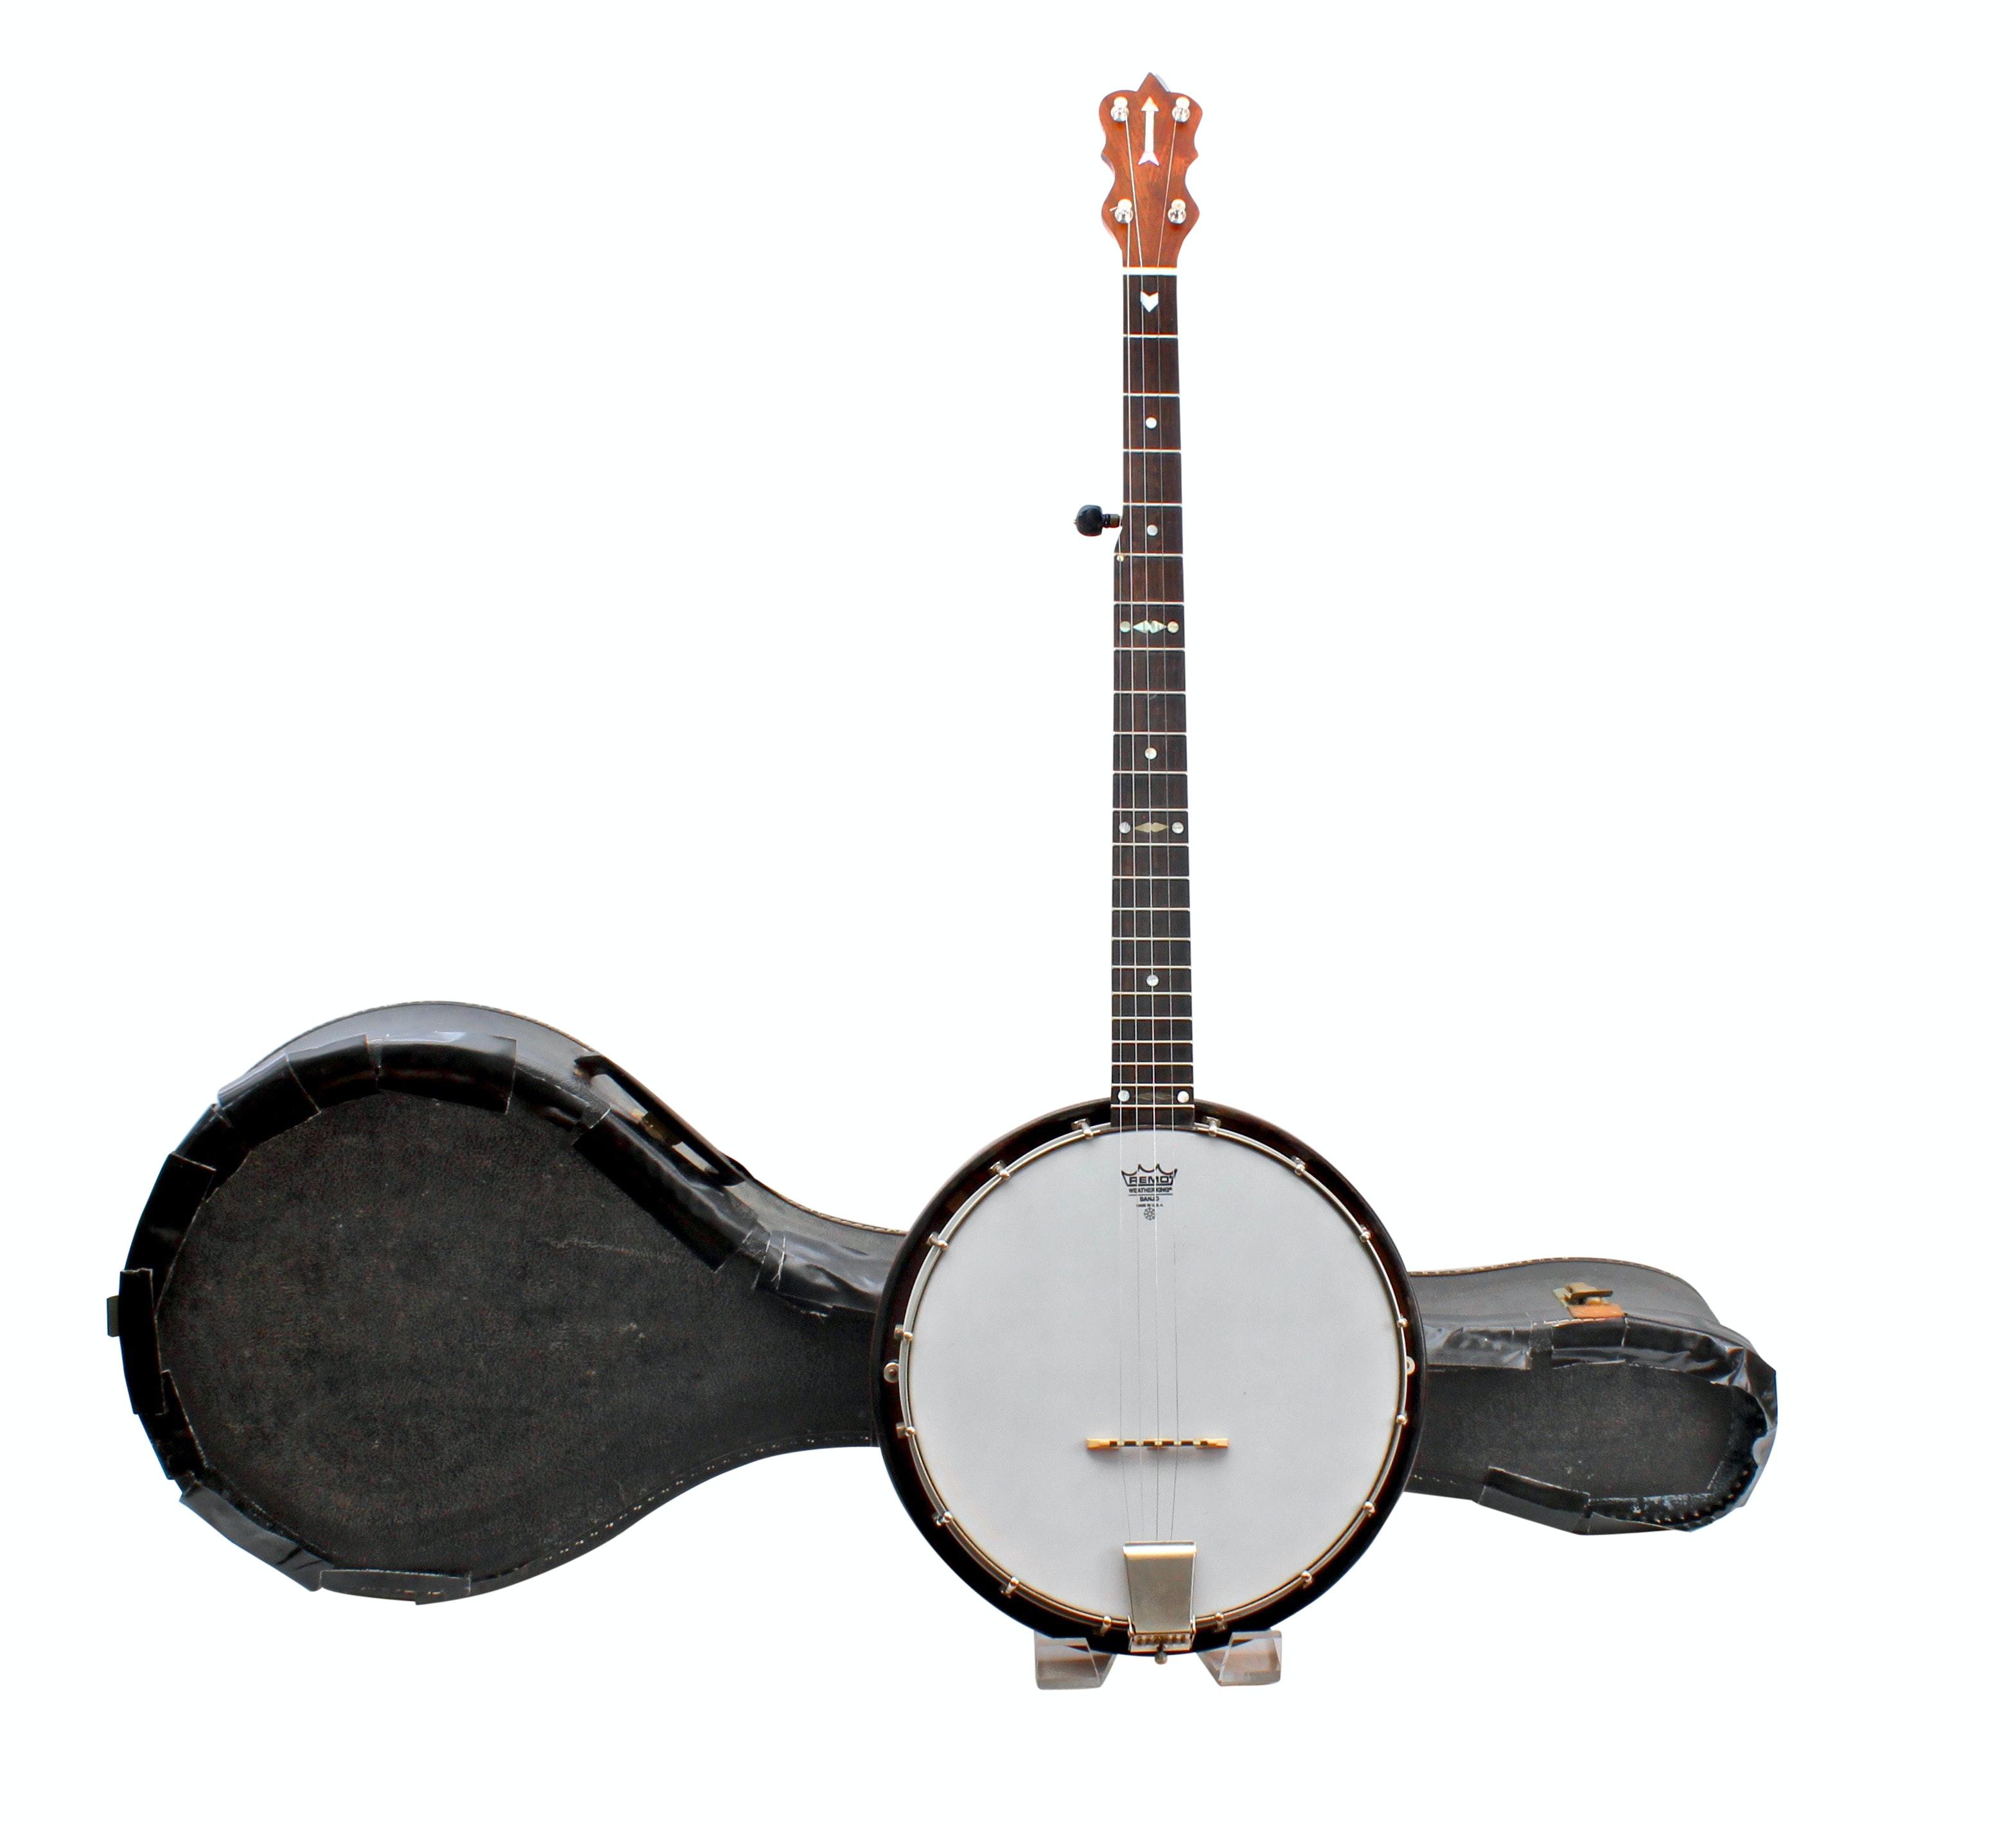 Vintage Five-String Banjo with Case